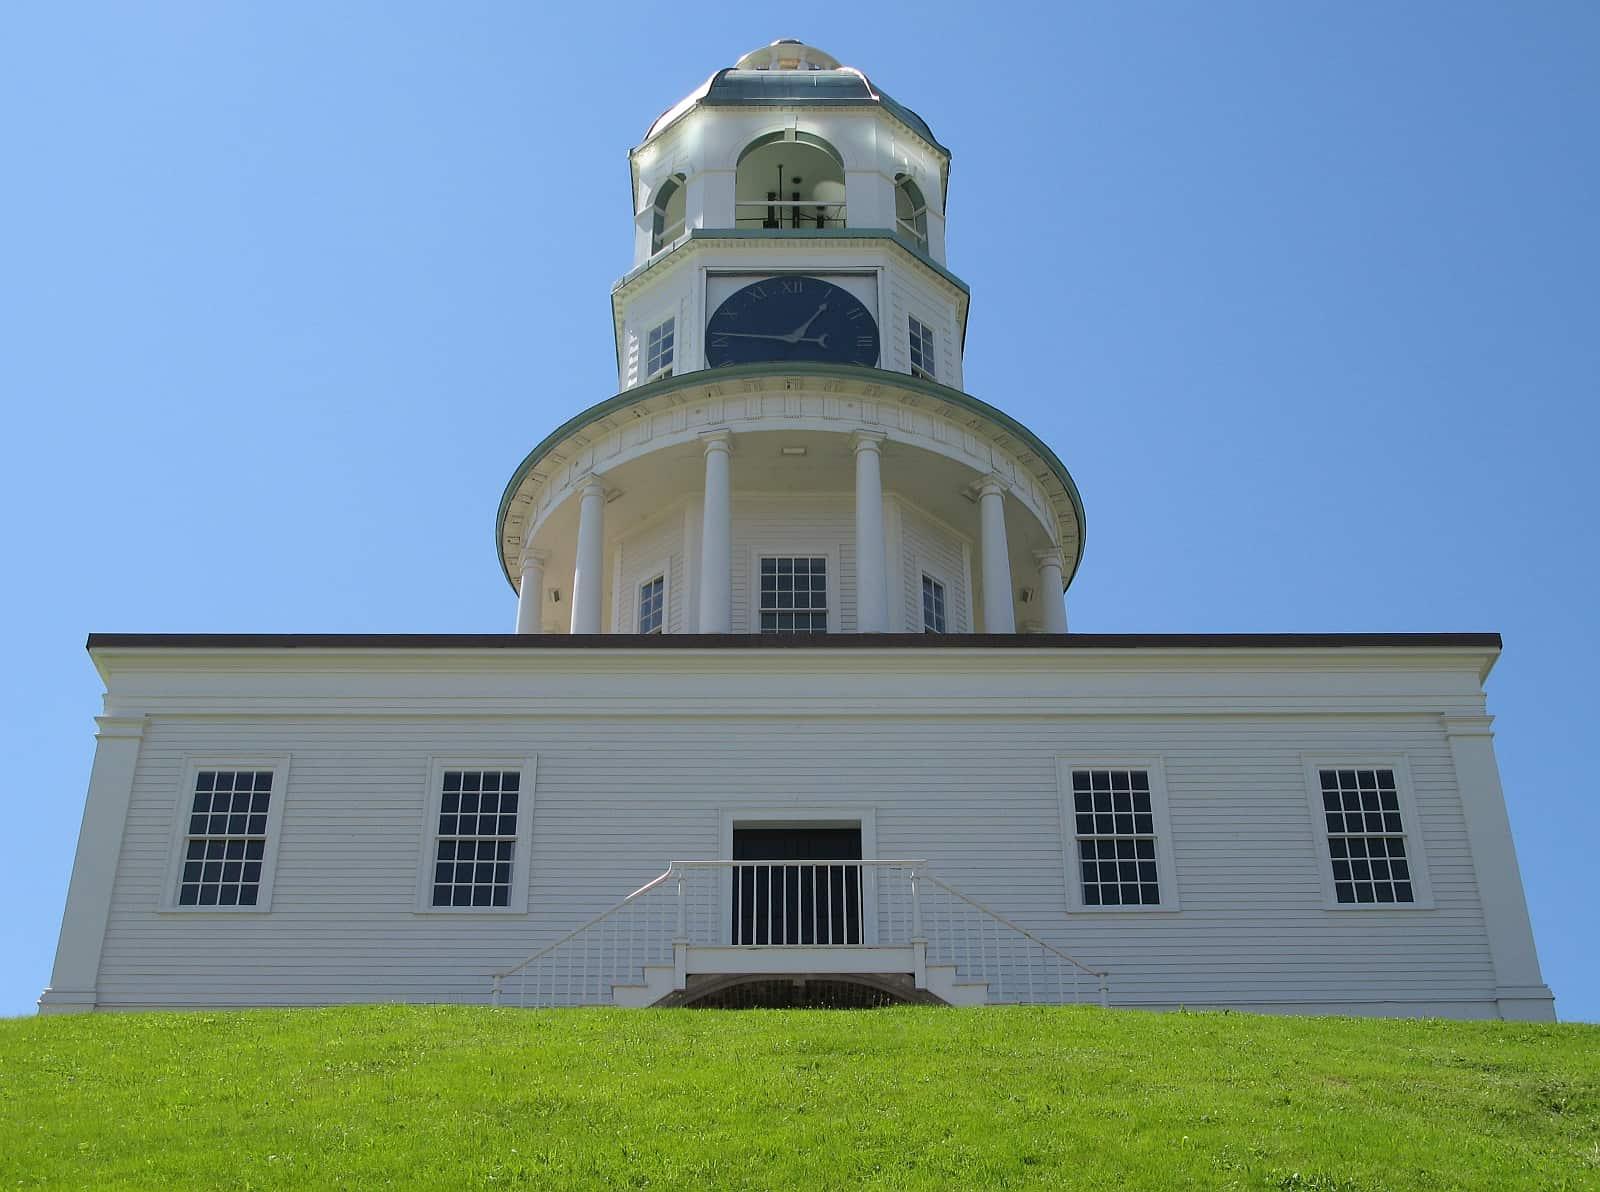 Der Uhrenturm der Zitadelle von Halifax.